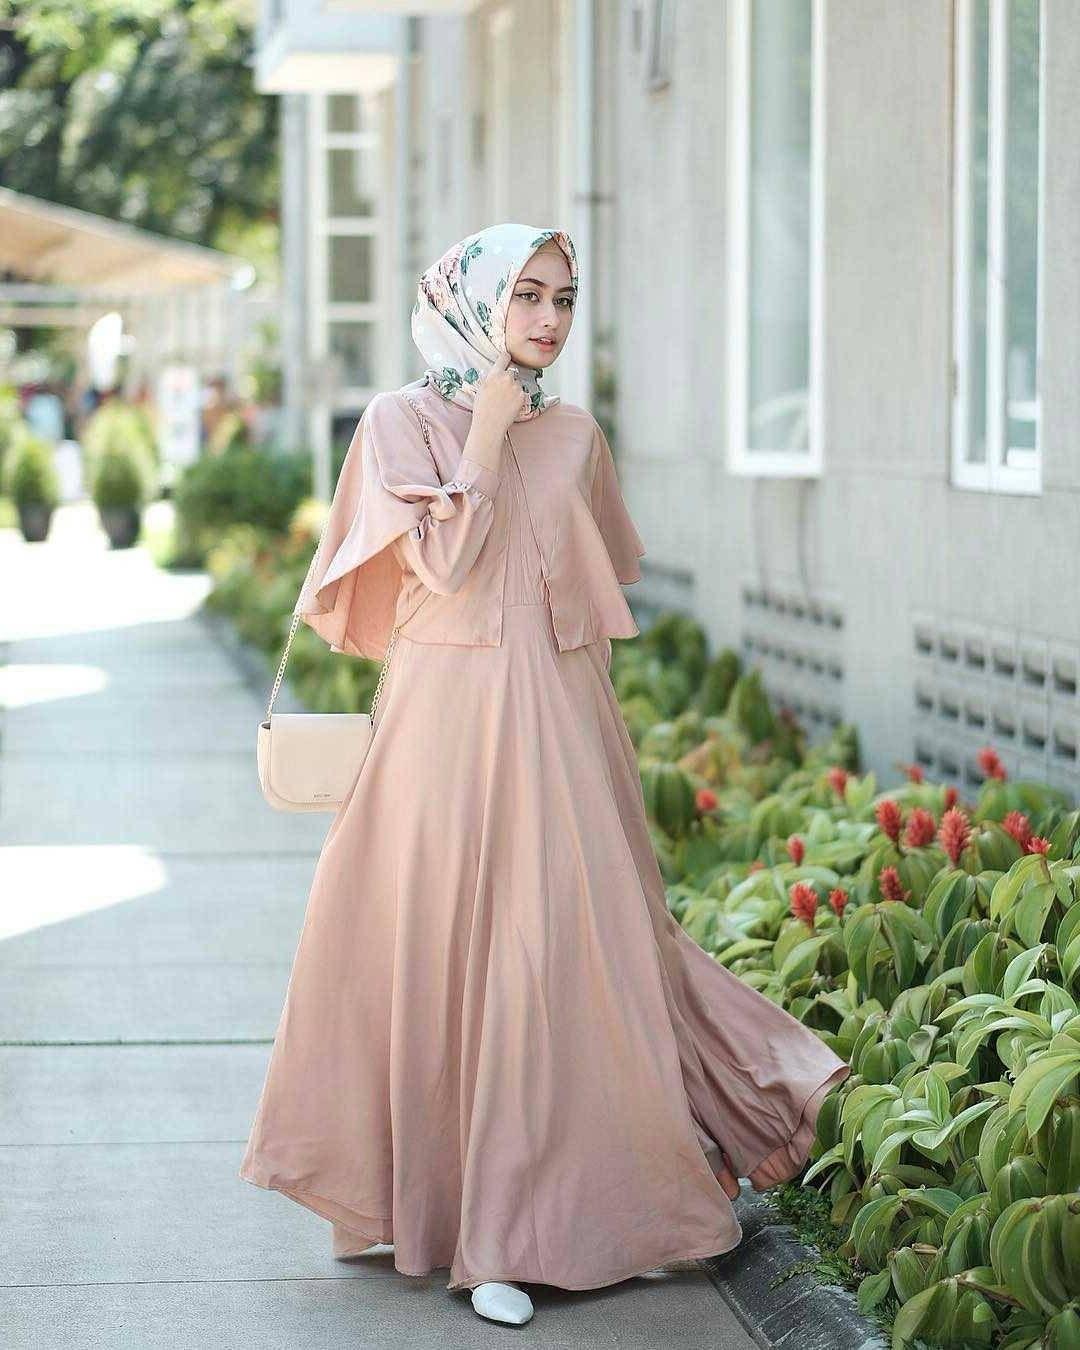 Ide Trend Baju Lebaran 2017 Xtd6 21 Model Gamis Lebaran 2018 Desain Elegan Casual Dan Modern